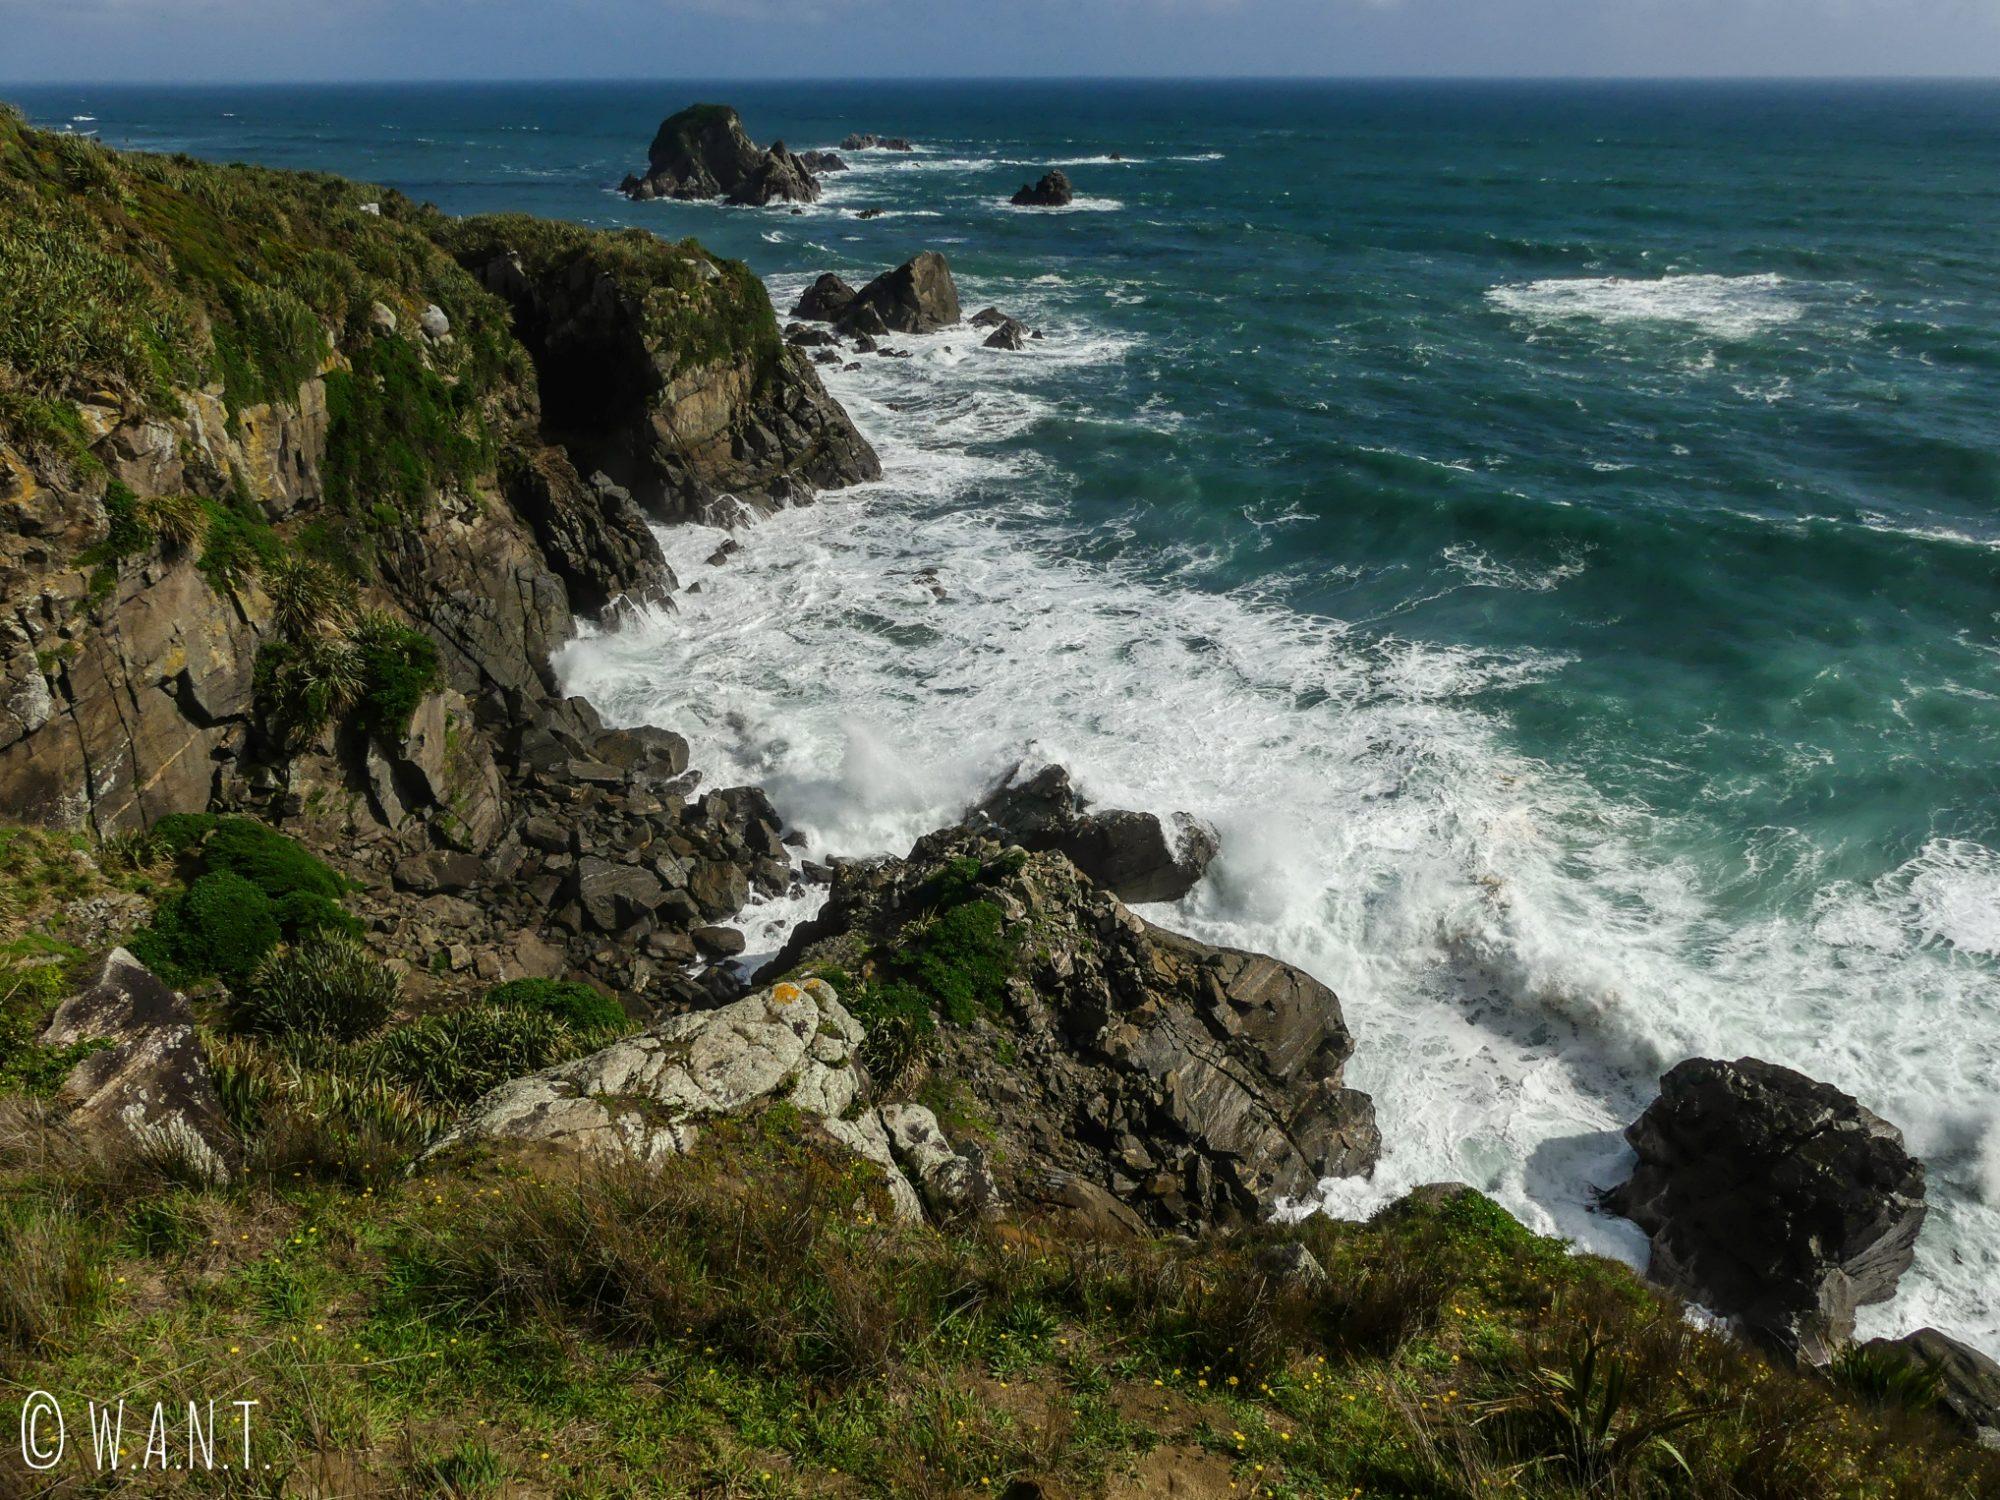 Vue sur la mer depuis la randonnée du Cape Foulwind en Nouvelle-Zélande